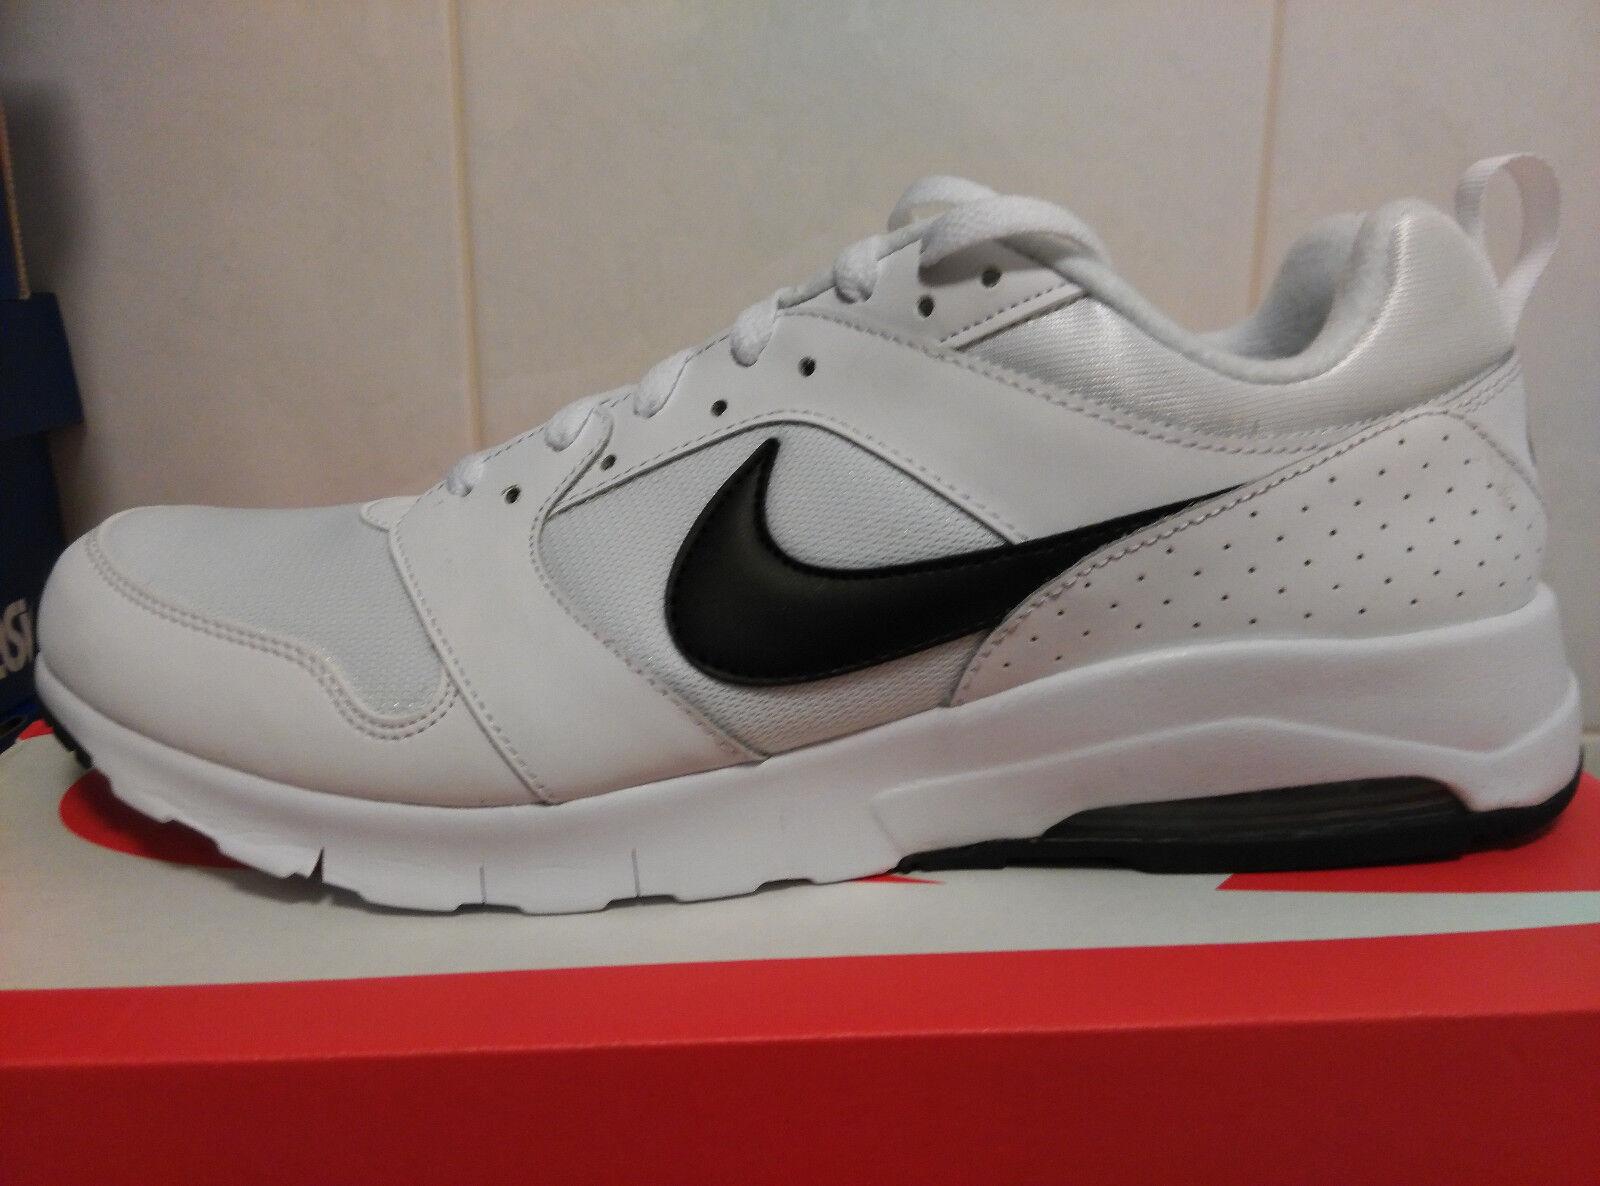 nouveau!  nike air max proposition chaussures tennis 12, - 12, tennis 13 0d6310